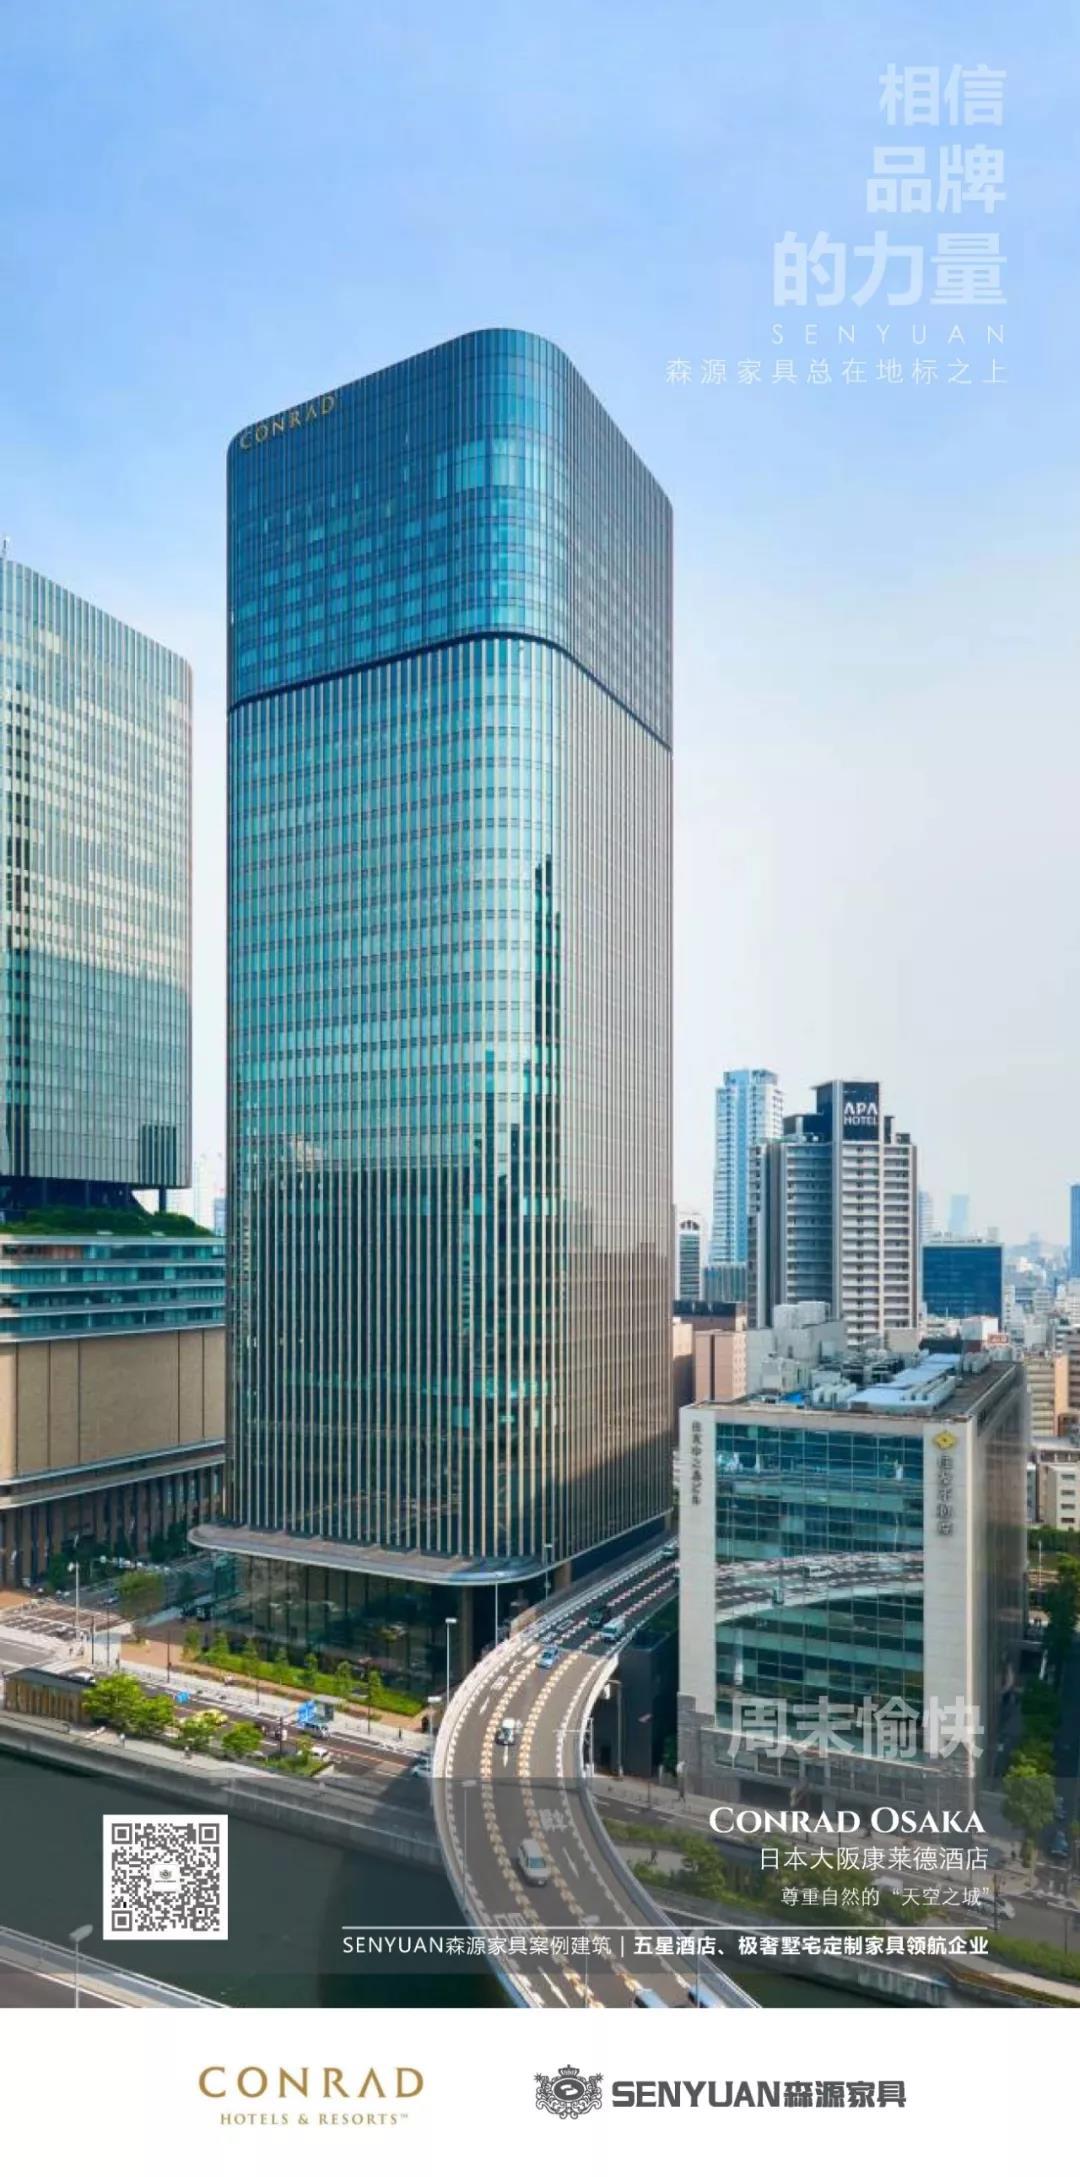 亚博体育官网app家具总在地标之上【日本大阪康莱德酒店】